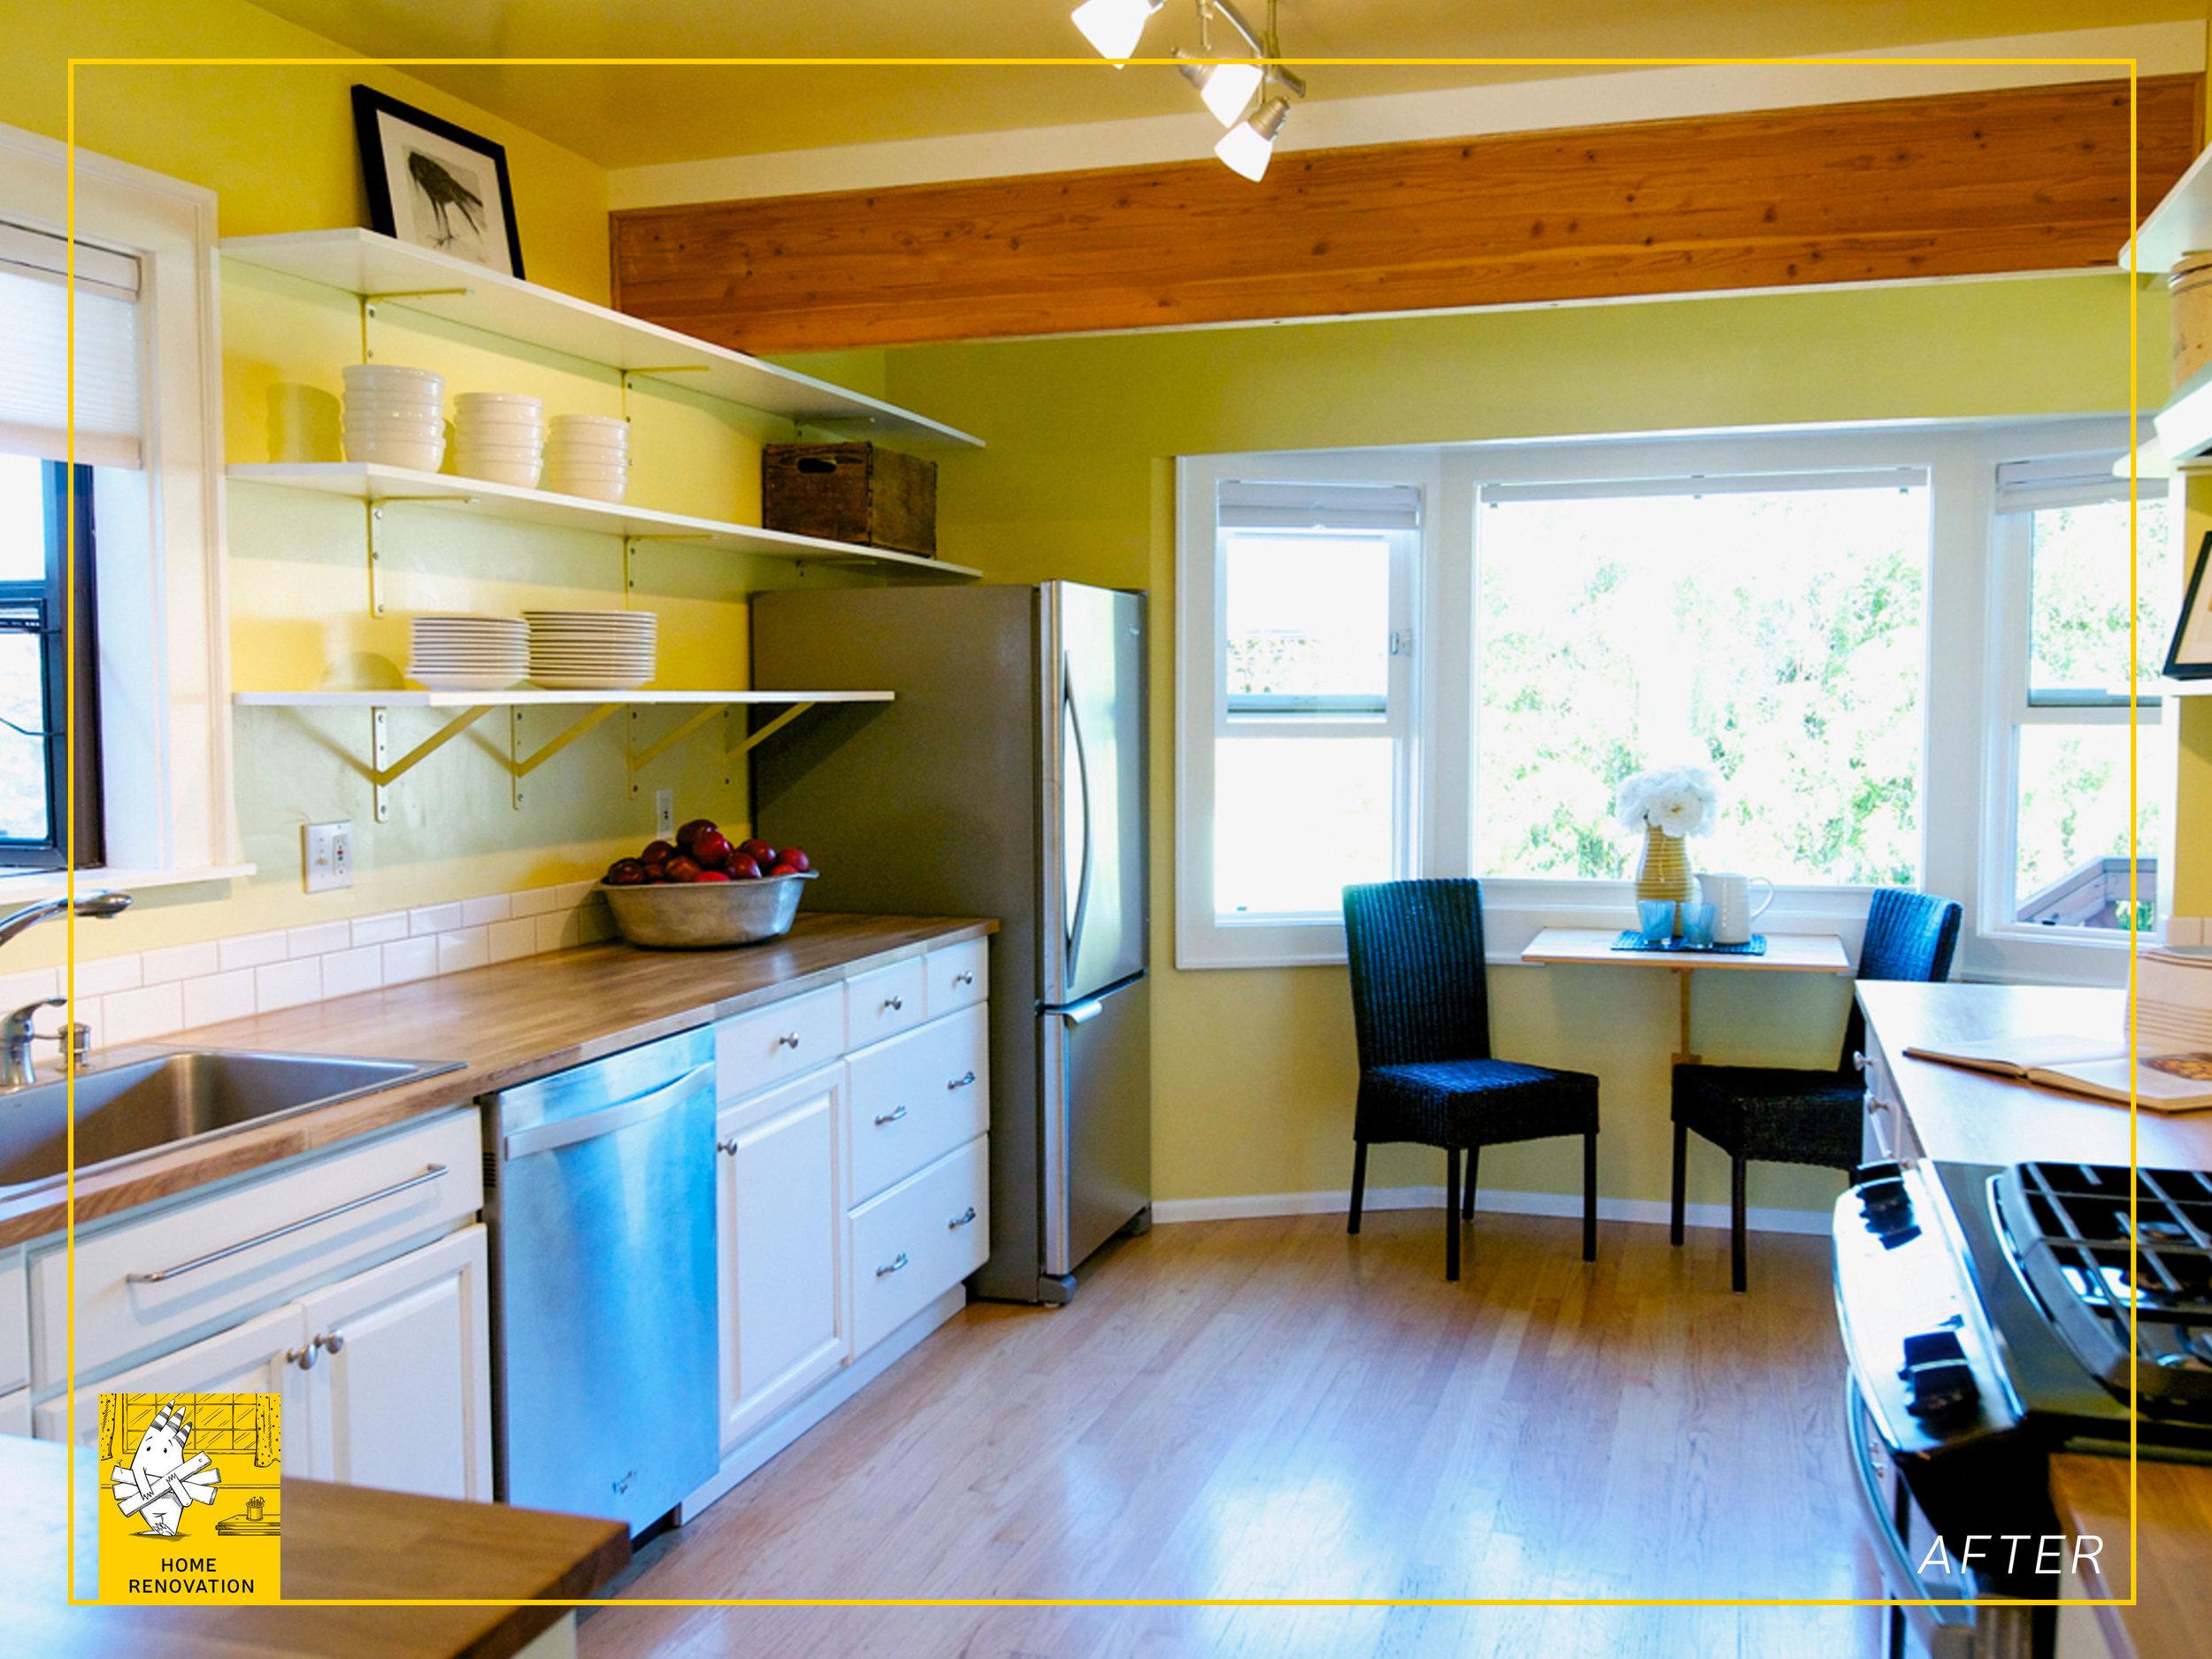 MT home remodel after 3.jpg